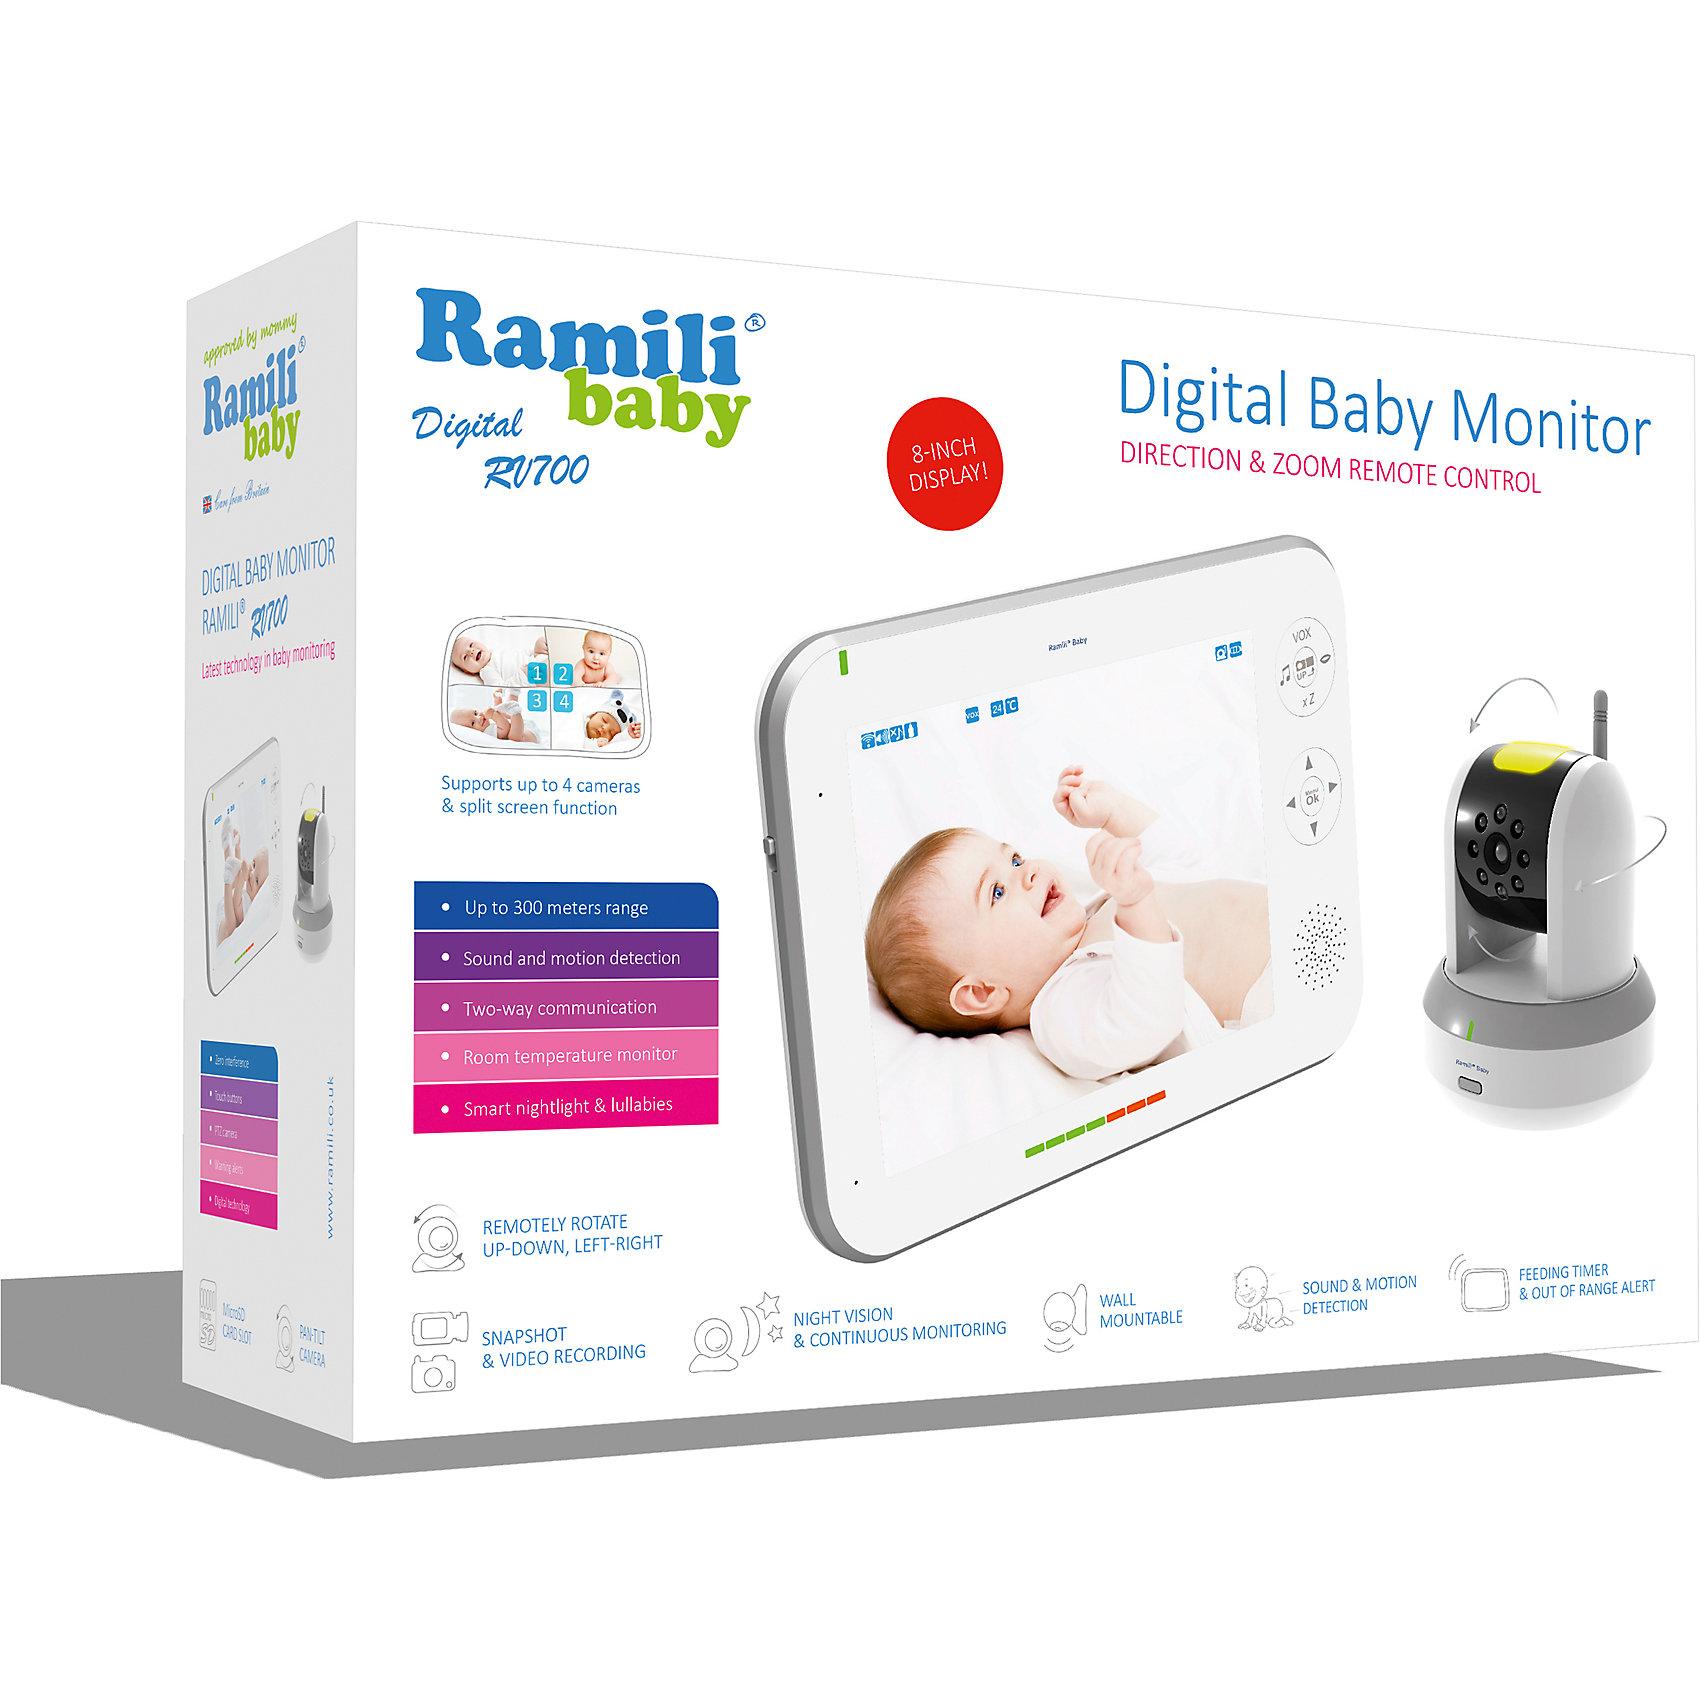 Ramili Видеоняня Ramily RV700 c детектором движения